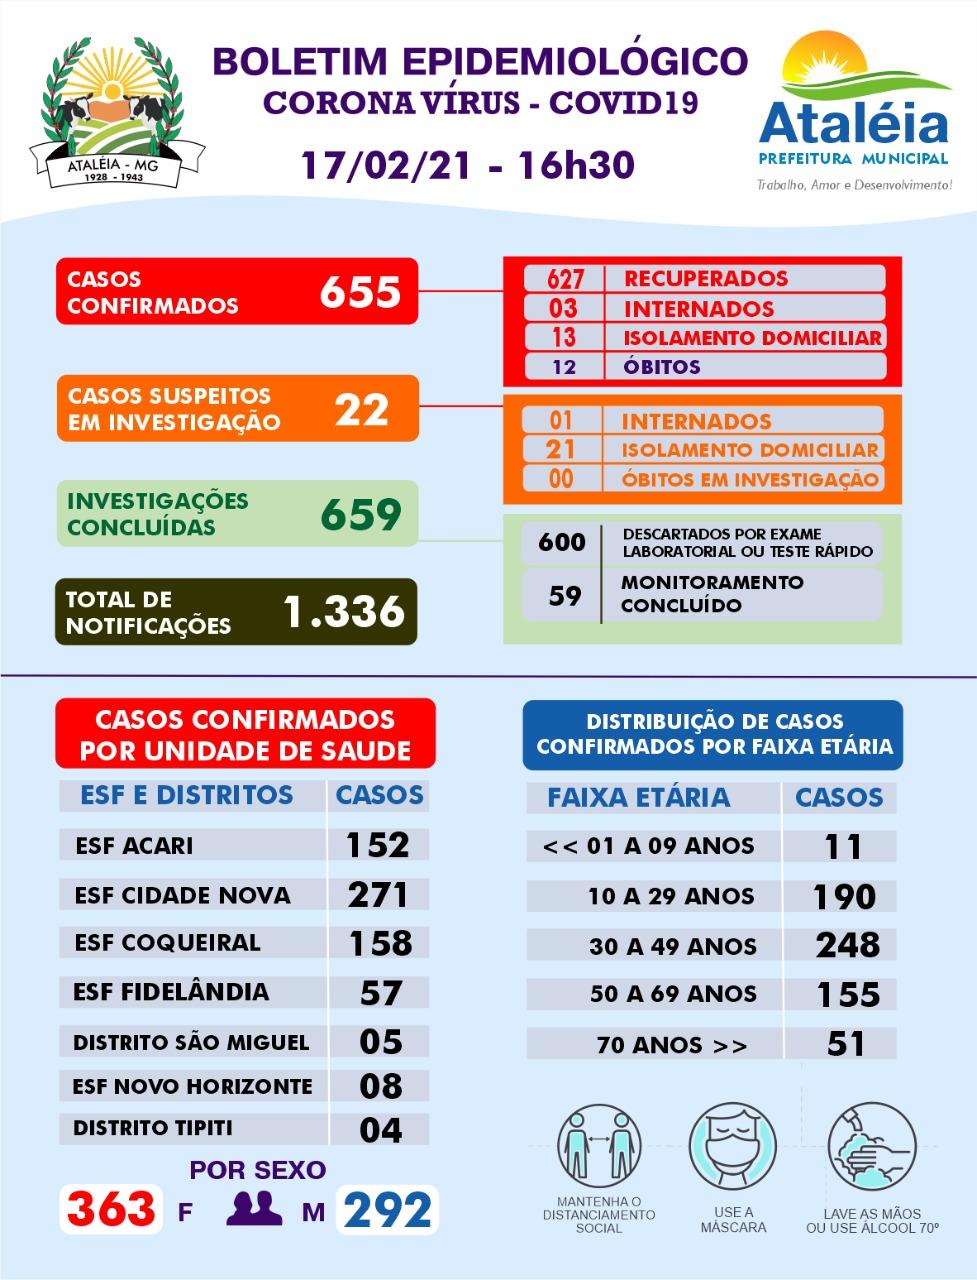 BOLETIM ATUALIZADO - 17 DE FEVEREIRO DE 2021 📊🚑